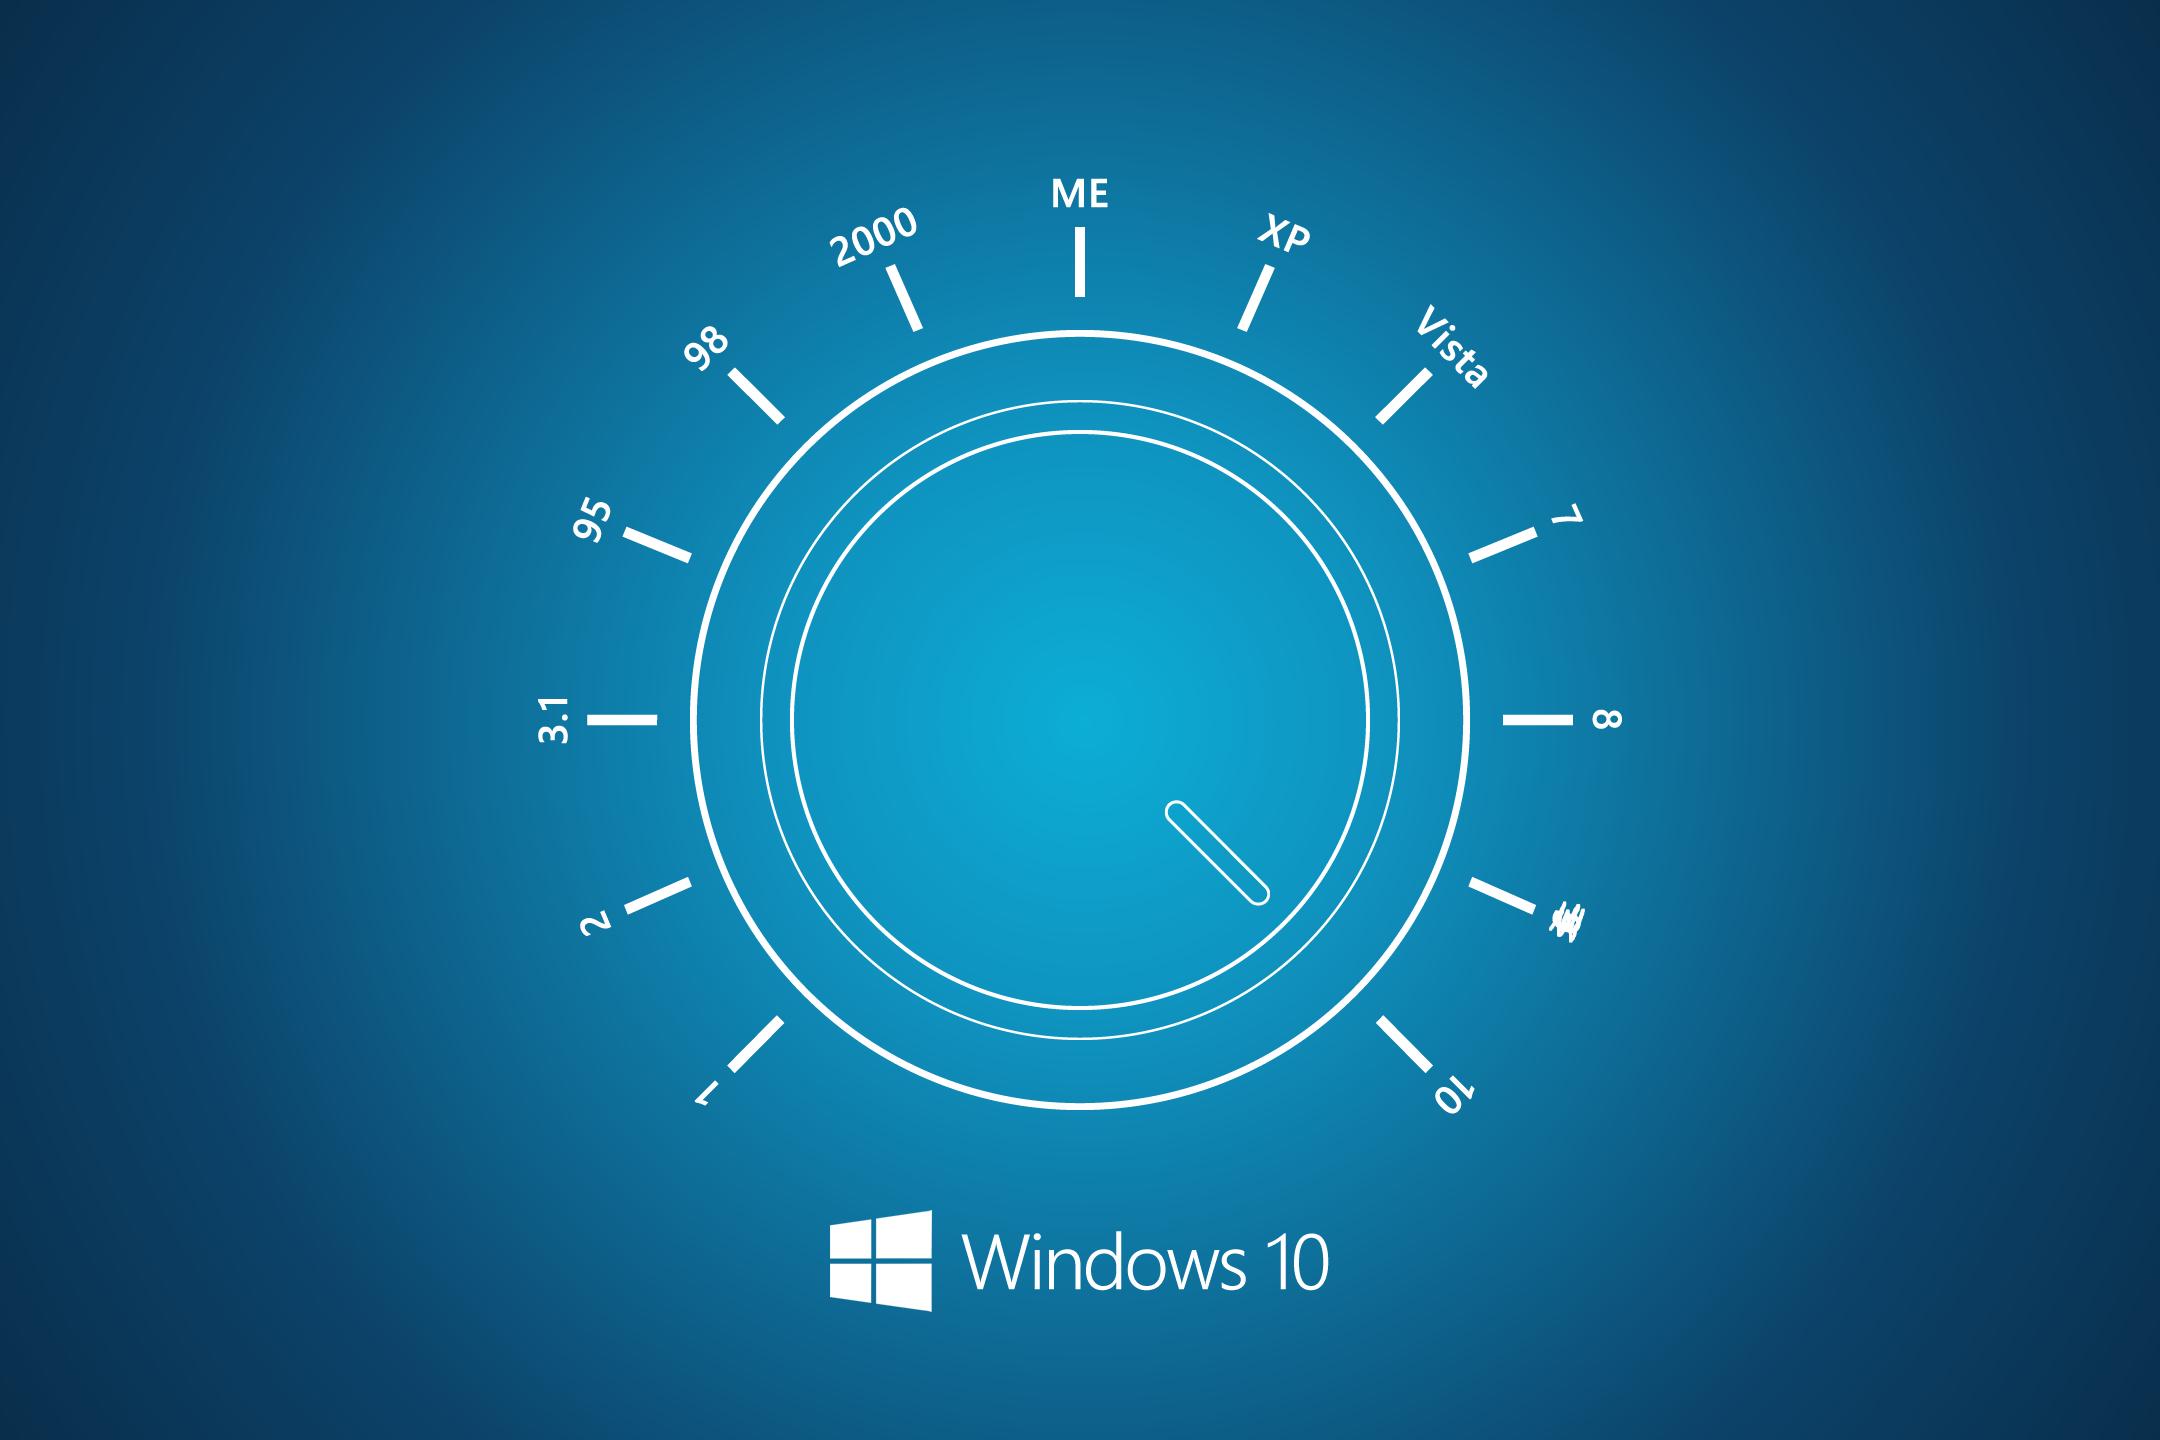 windows10桌面壁纸-win10桌面背景图图片